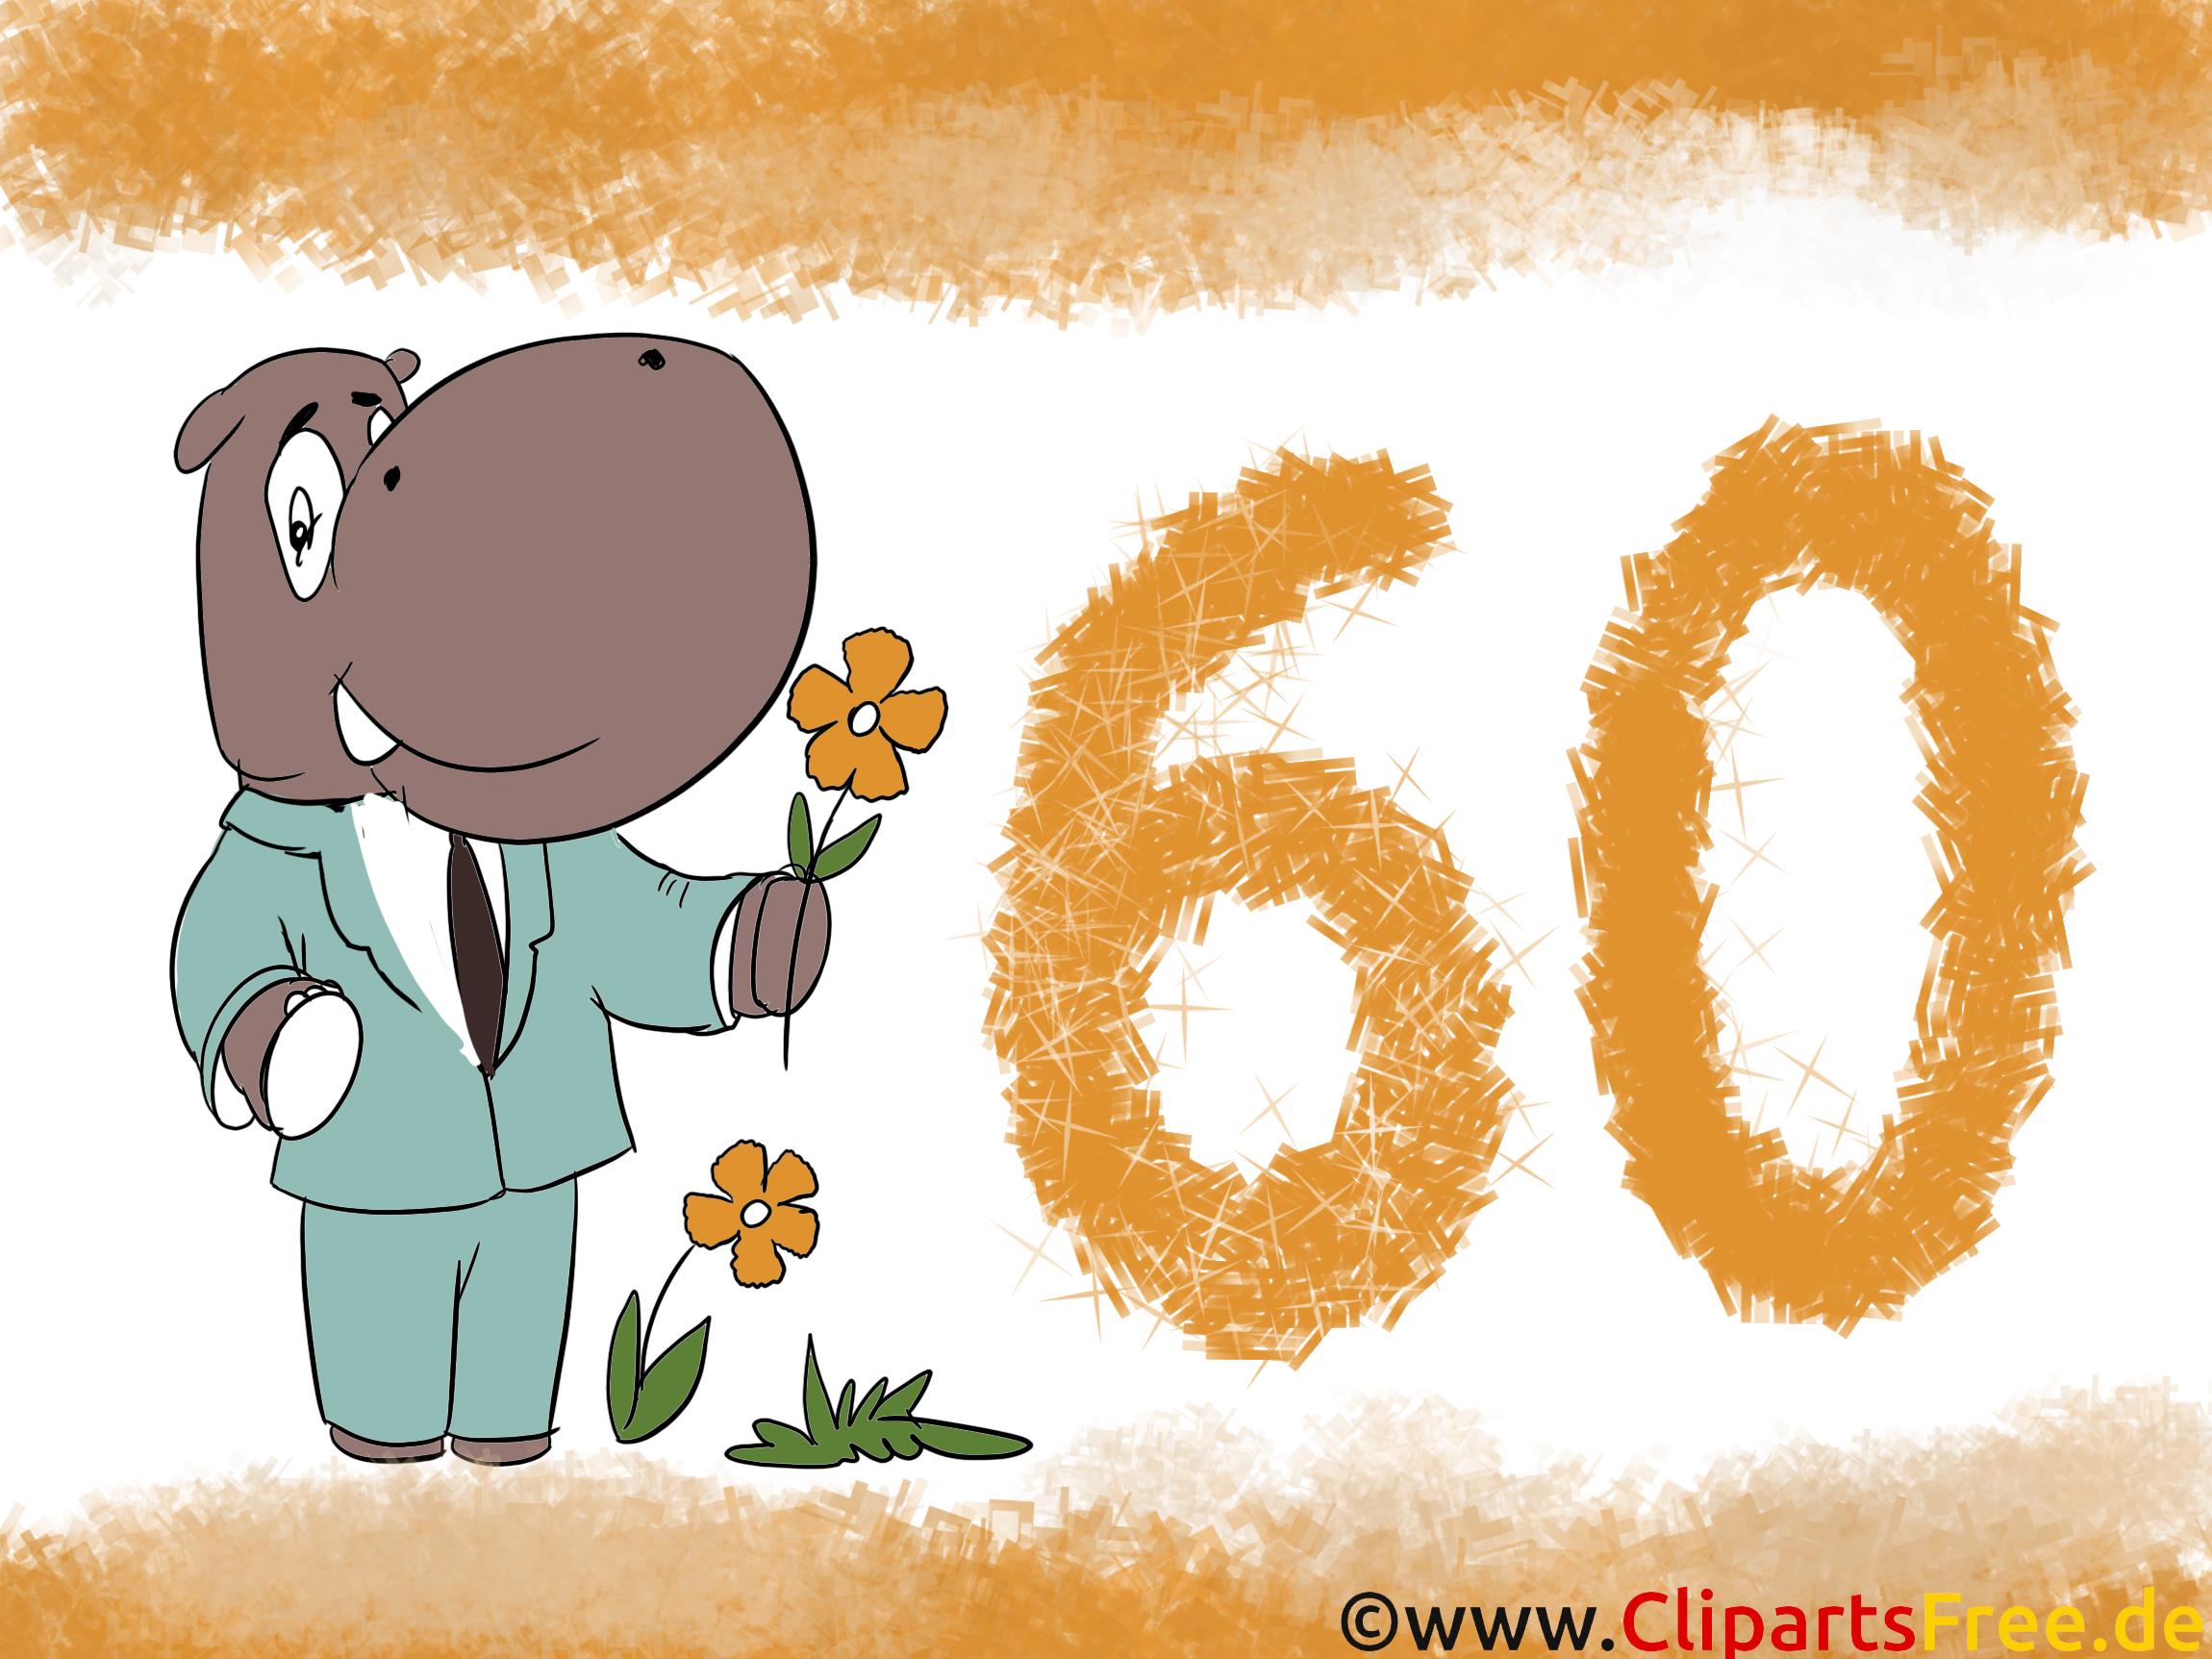 Clipart einladung 60 geburtstag image Geburtstagssprüche Zum 60 Geburtstag | Jtleigh.com ... image